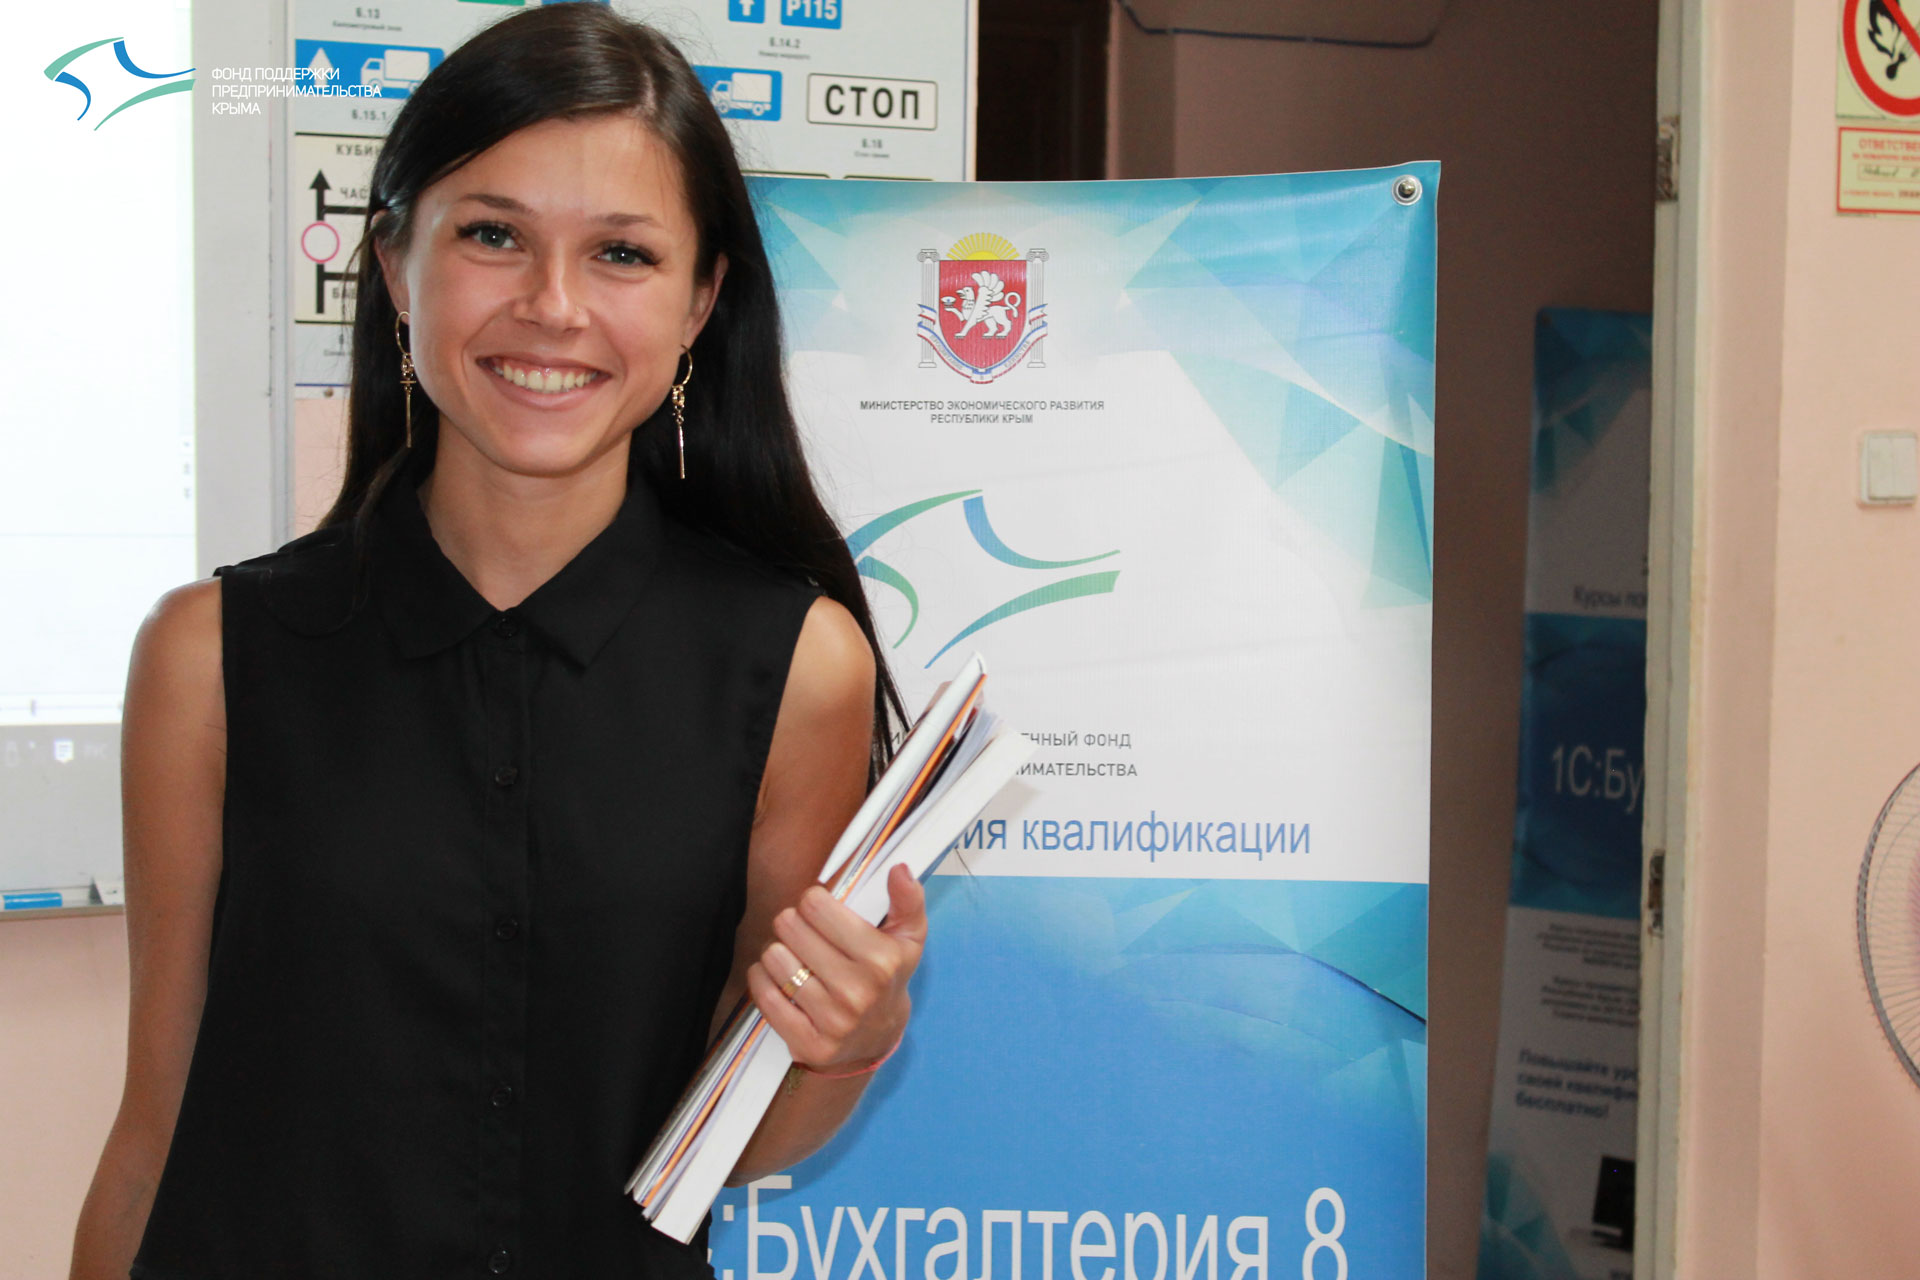 Фонд поддержки предпринимательства Крыма начал образовательные курсы повышения квалификации «1С:Бухгалтерия»